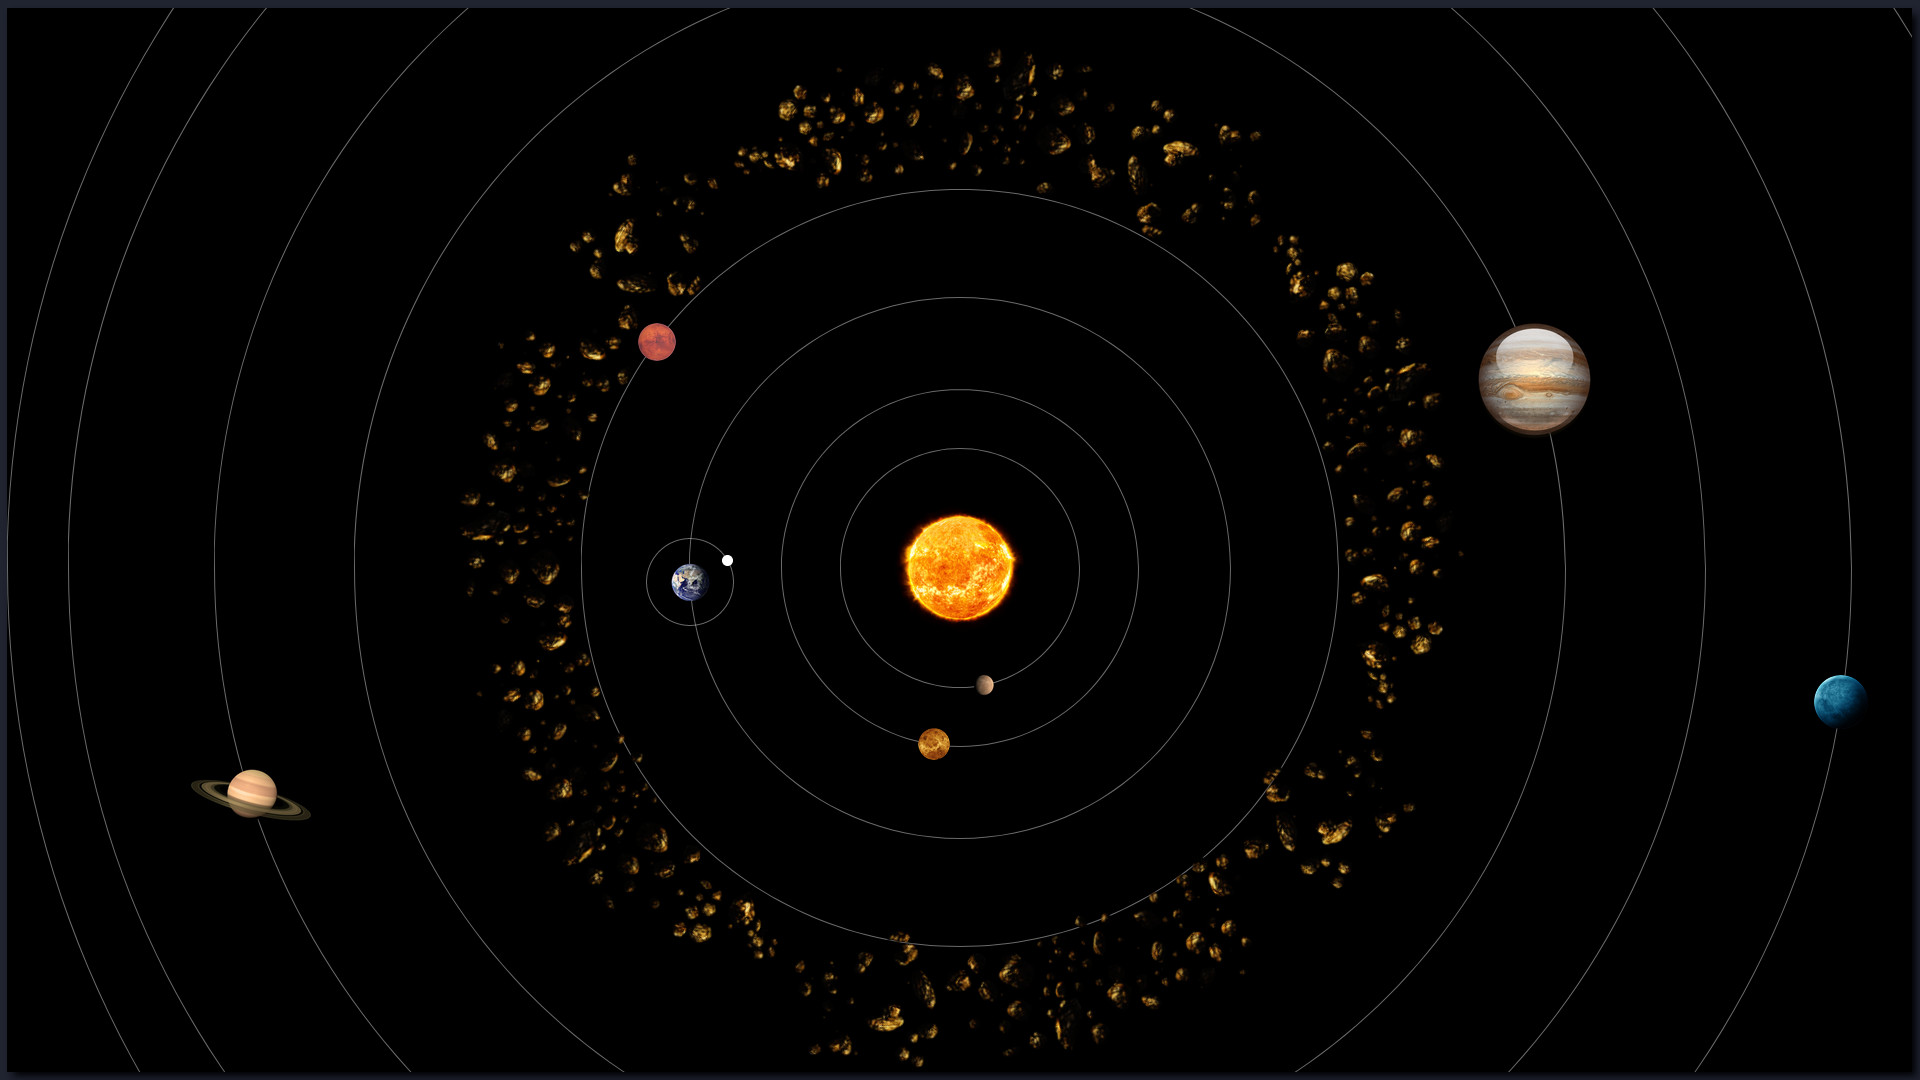 Sistema Solar feito com HTML, CSS e Javascript puro